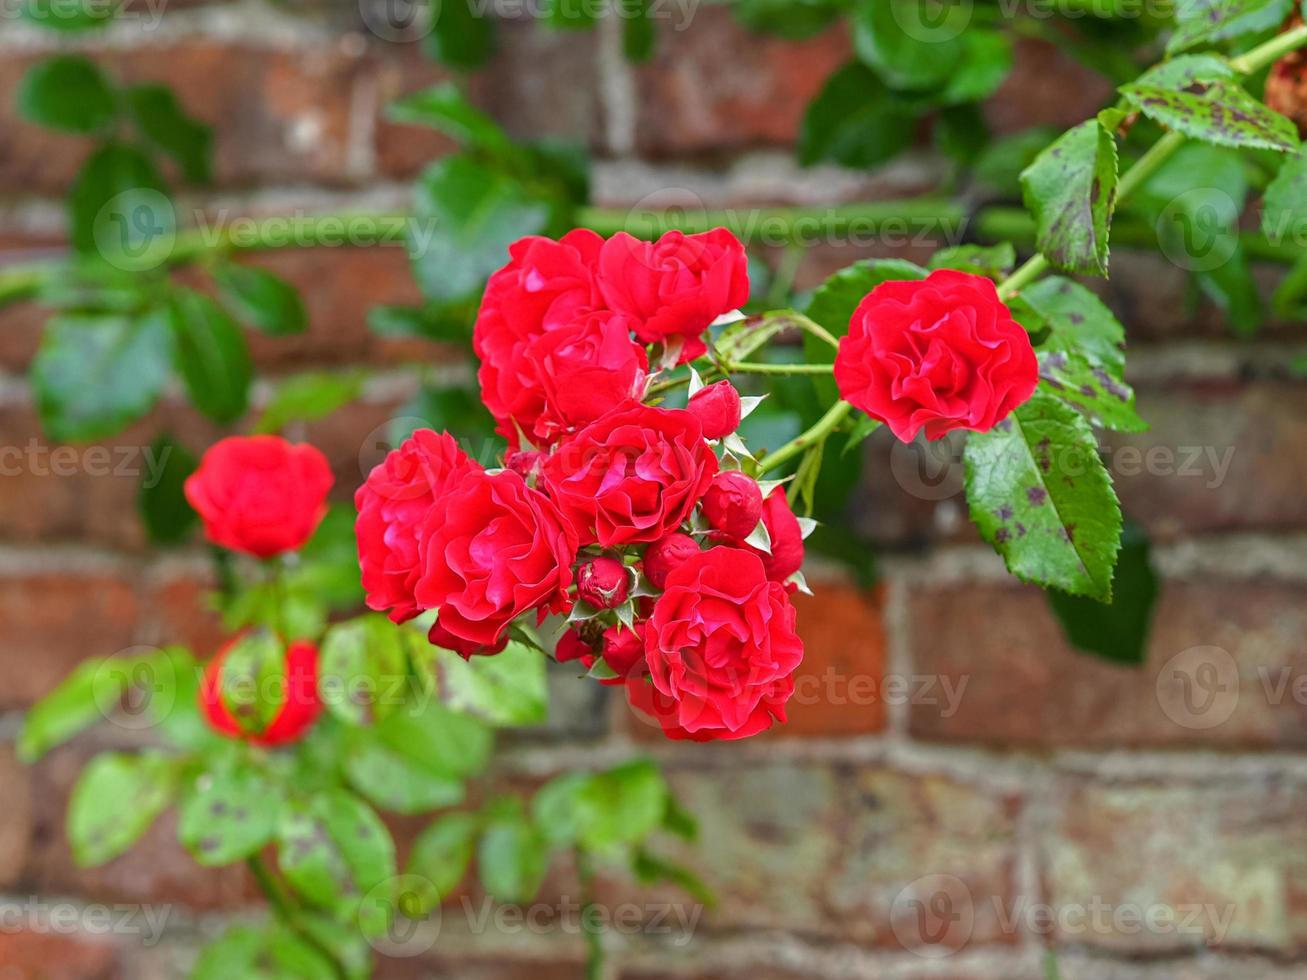 Escalade de roses rouges en fleurs contre un mur de briques photo